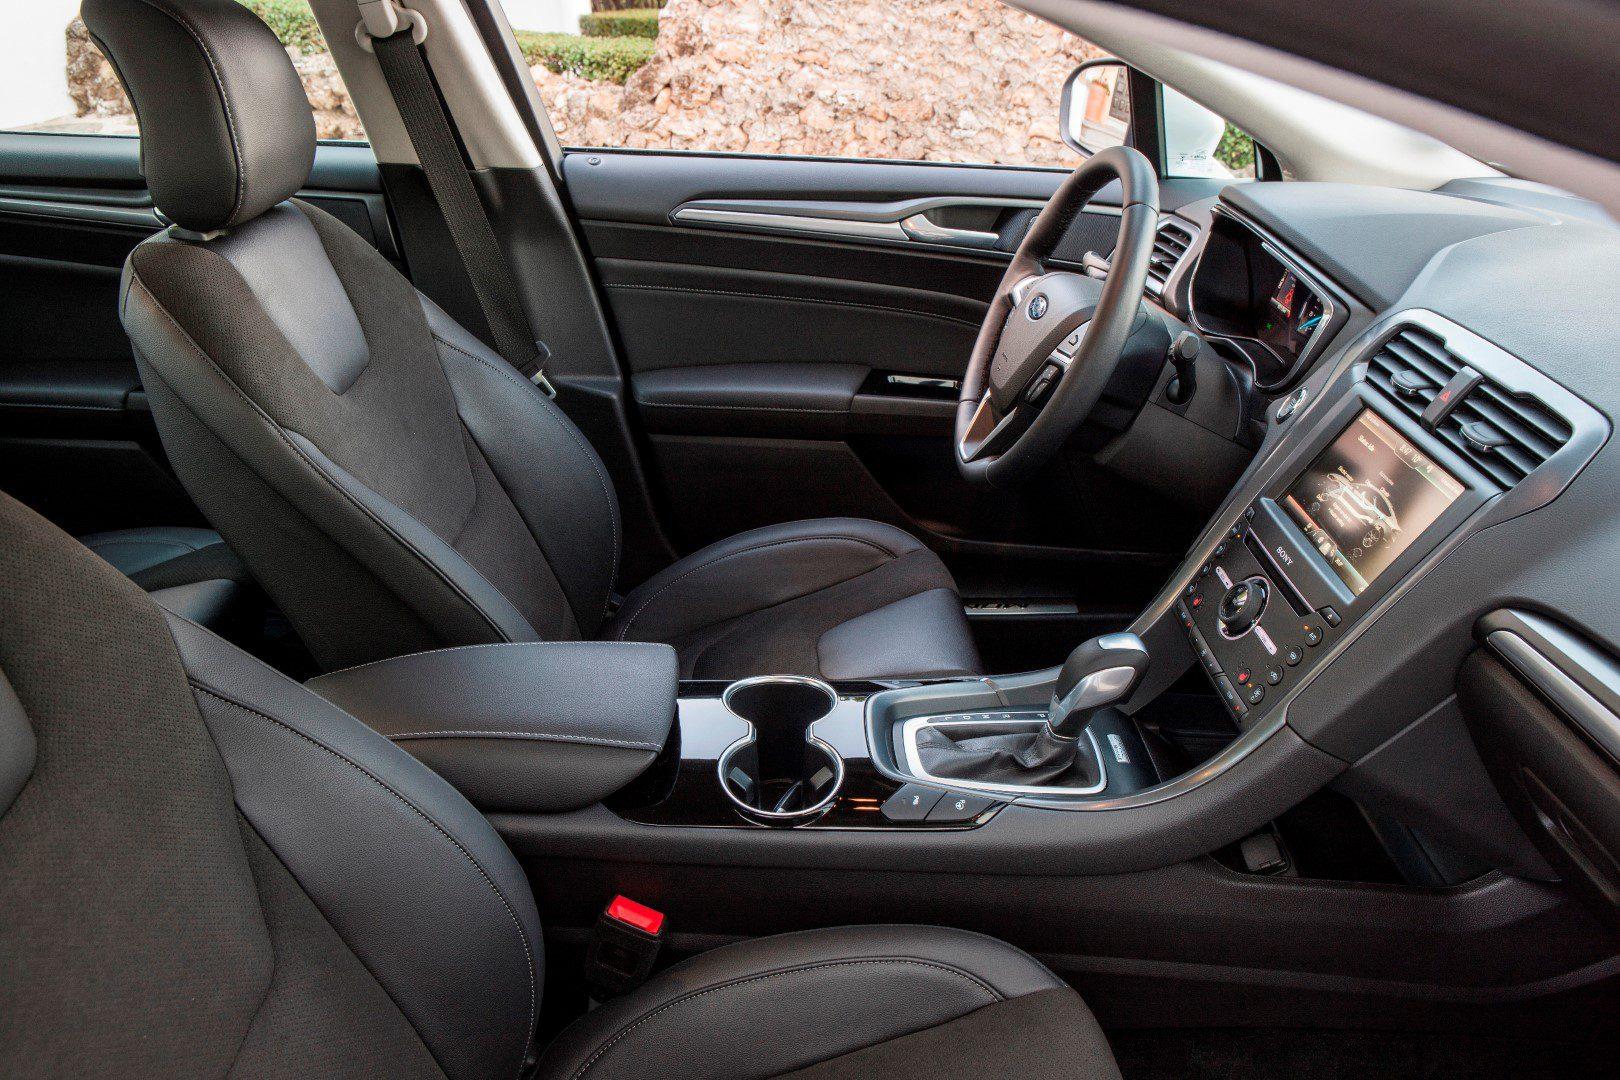 Ford Mondeo Hybrid lager in de prijslijst - Dagelijksauto.nl